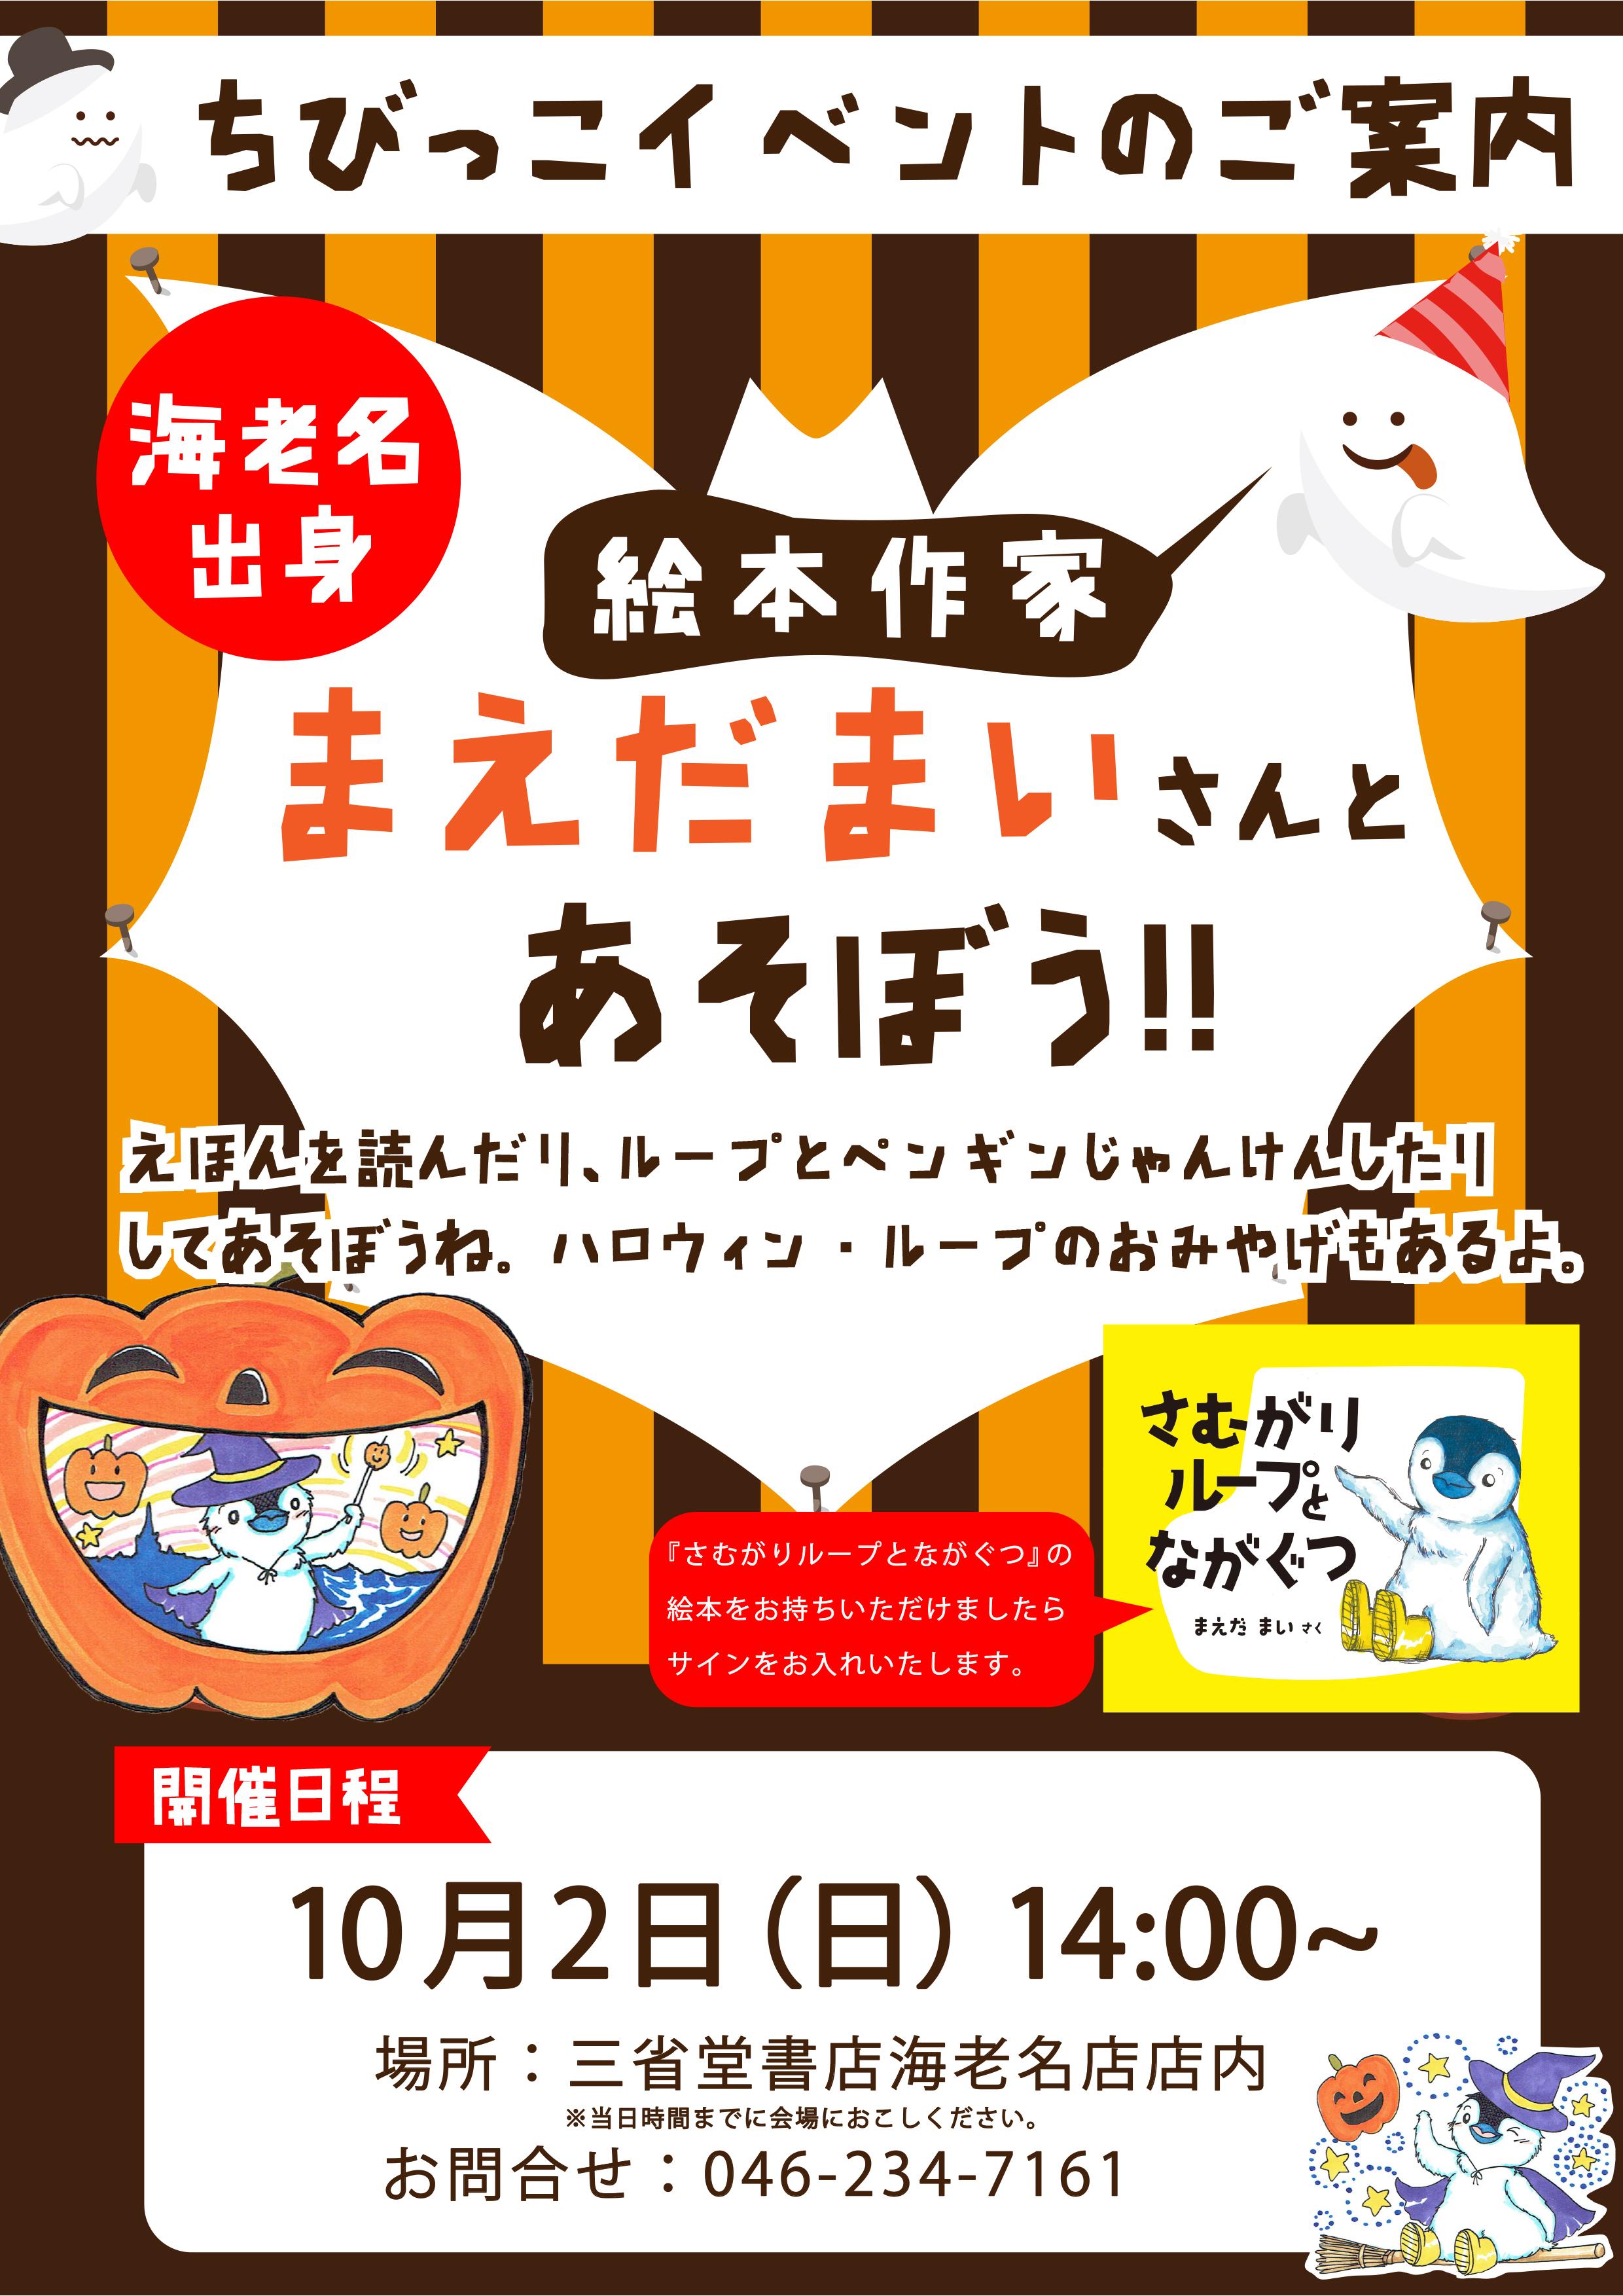 【イベント】10月2日(日)絵本作家まえだまいさんとあそぼう!